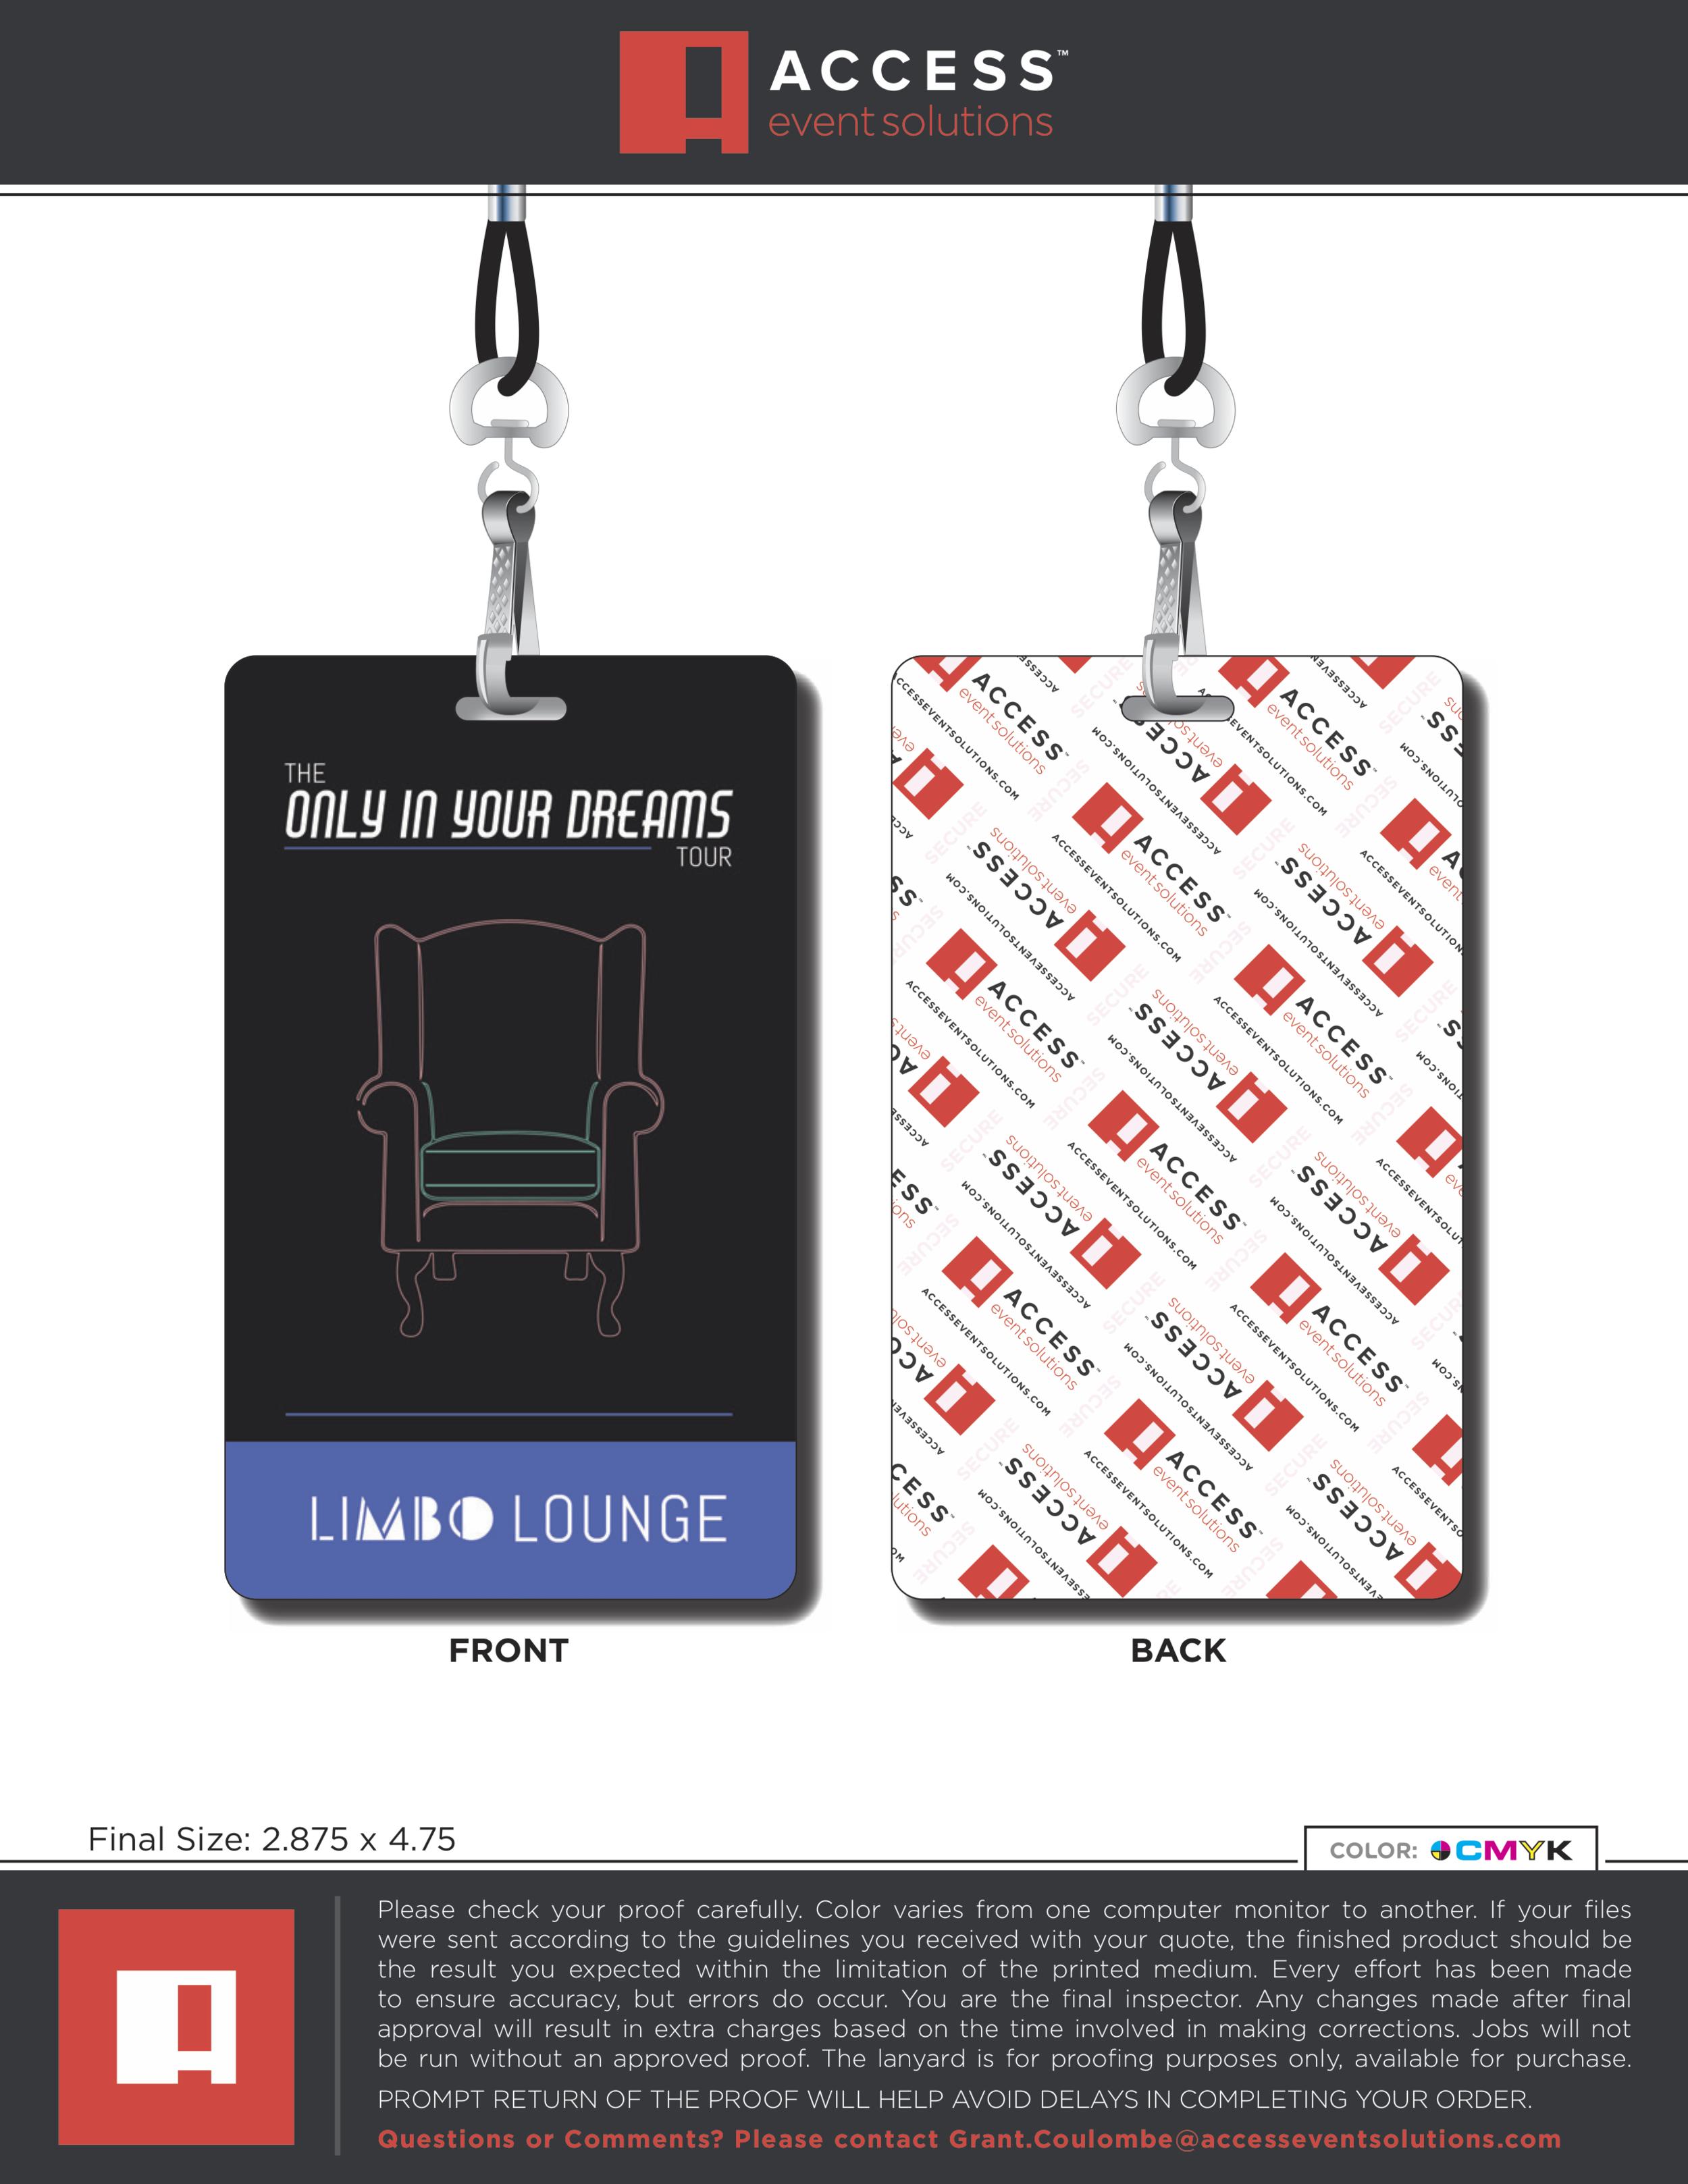 OIYD LIMBO Lounge VIP Pass